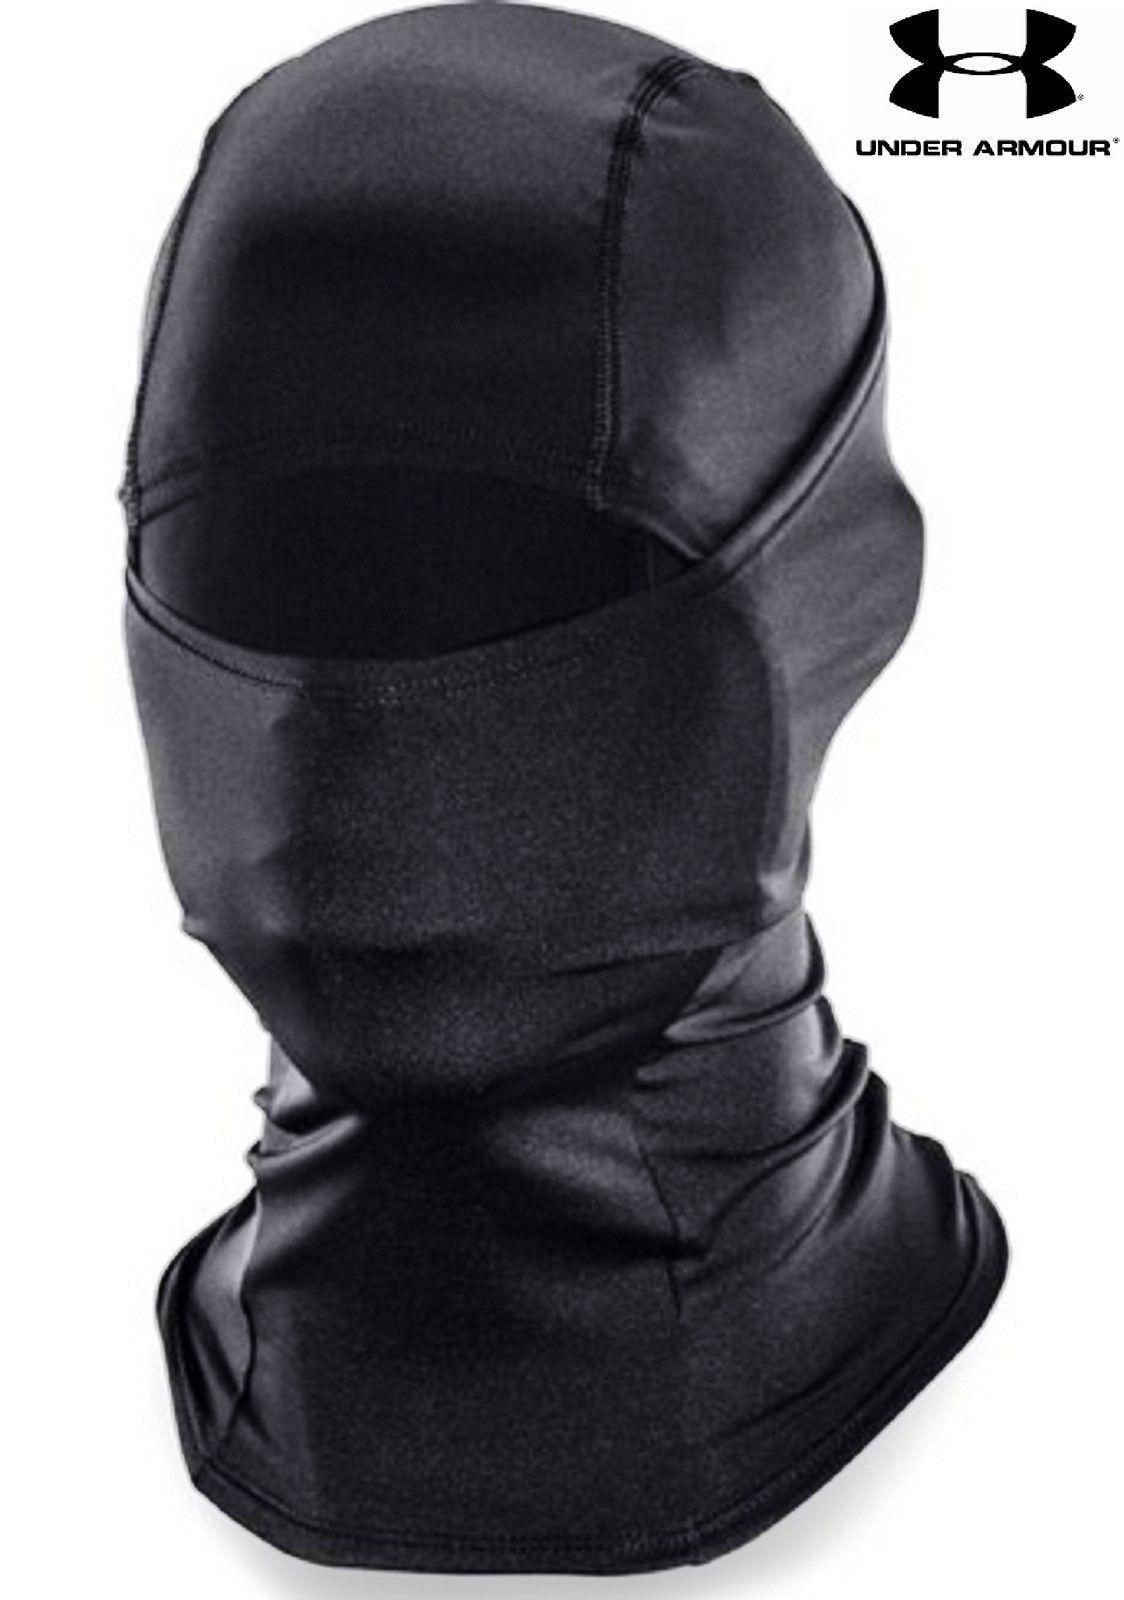 b5a2ffd7801 Under Armour Tactical HeatGear Facemask Hood - Lightweight Balaclava Style  Mask